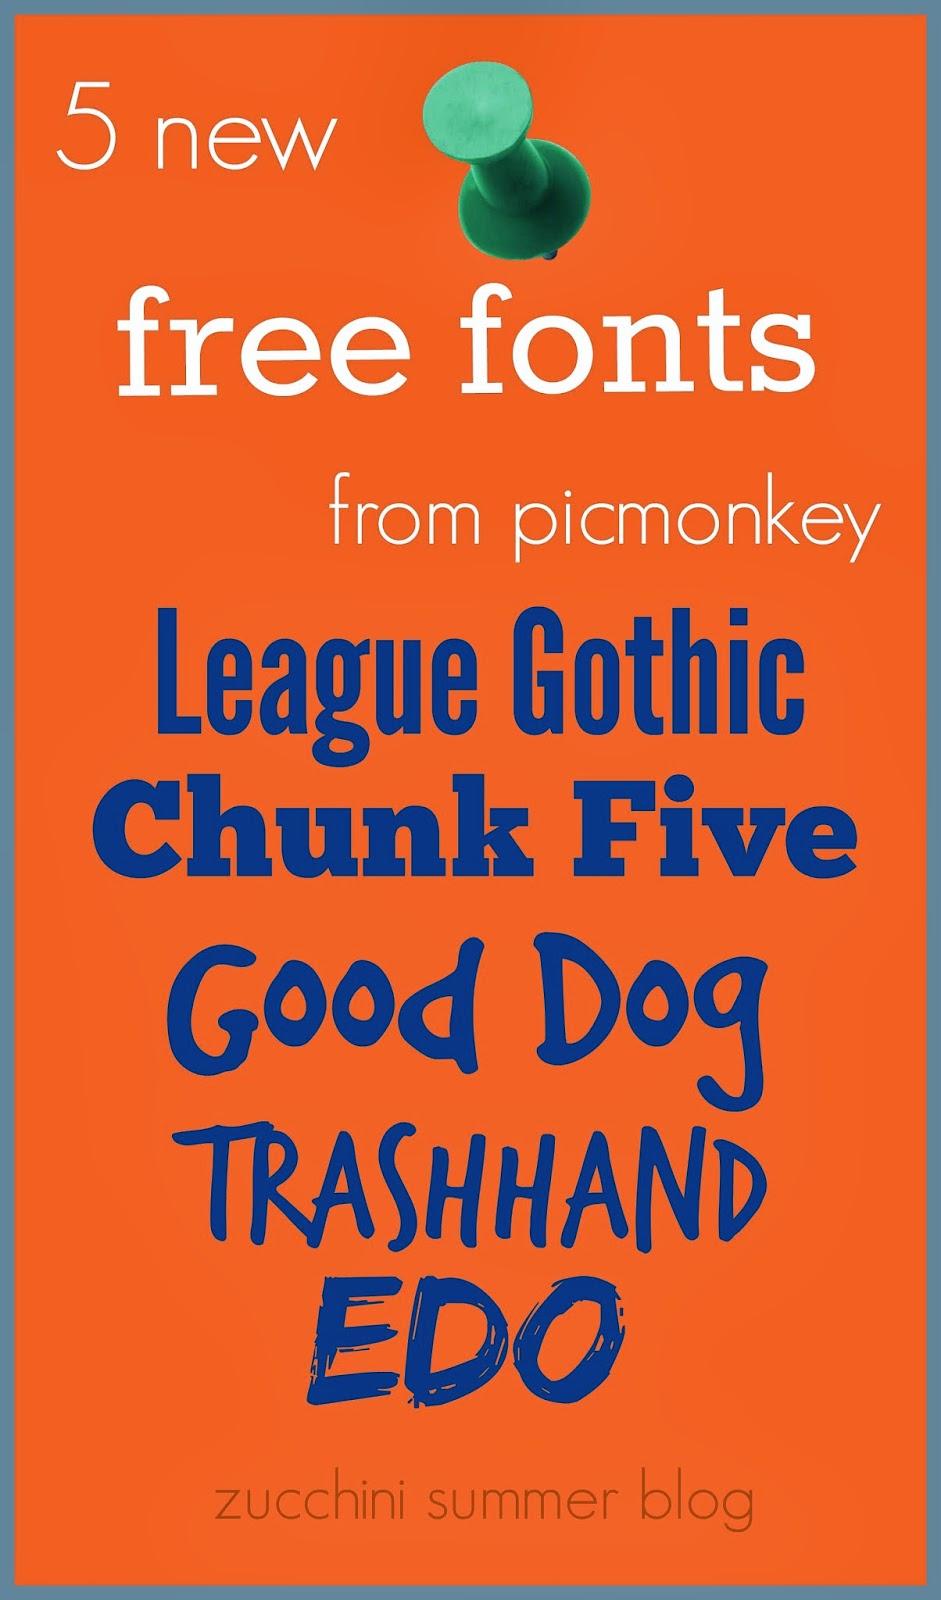 picmonkey fonts, picmonkey free font, good dog font, trashhand font, chunk five font, EDO font, League gothic font